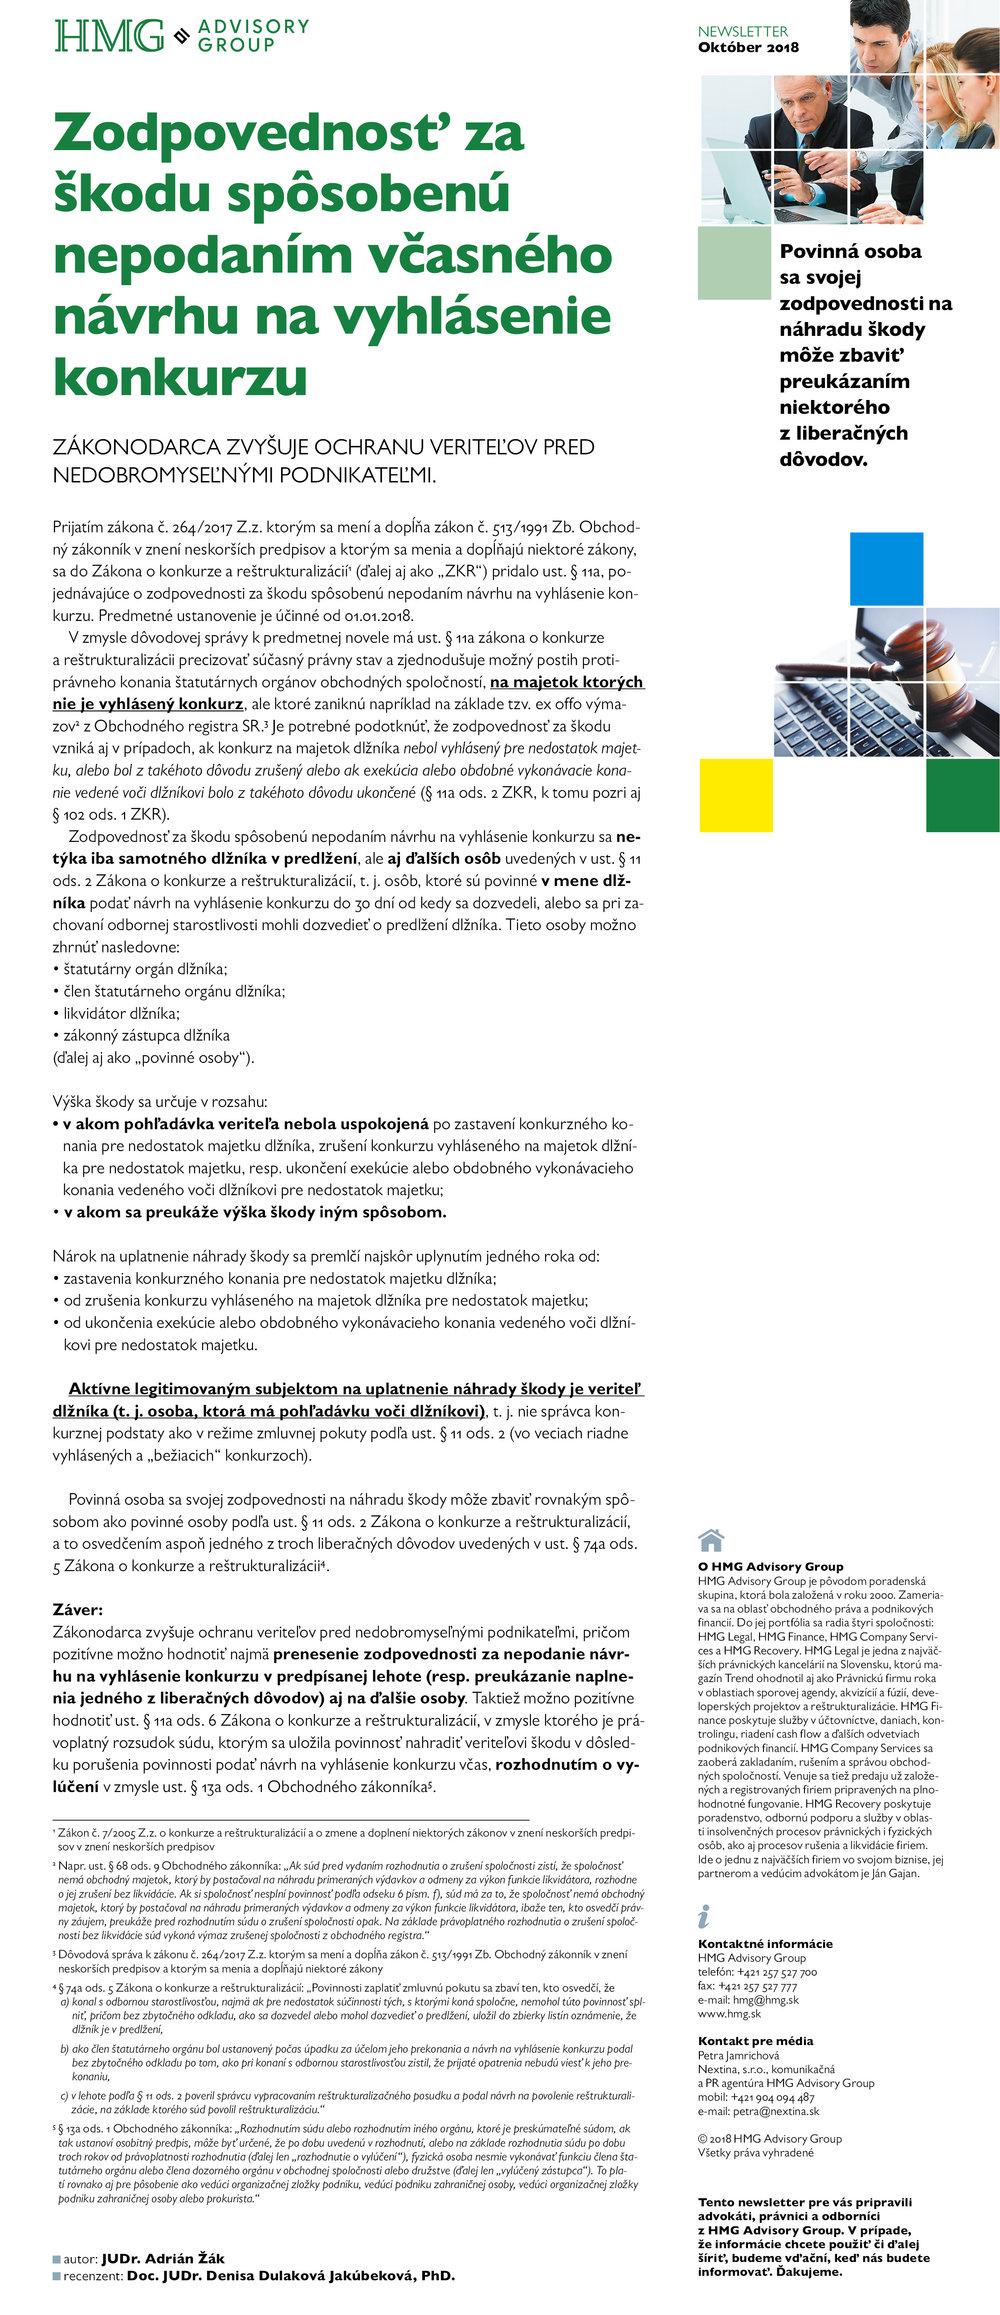 HMG_newsletter_zodpovednost za skodu.jpg